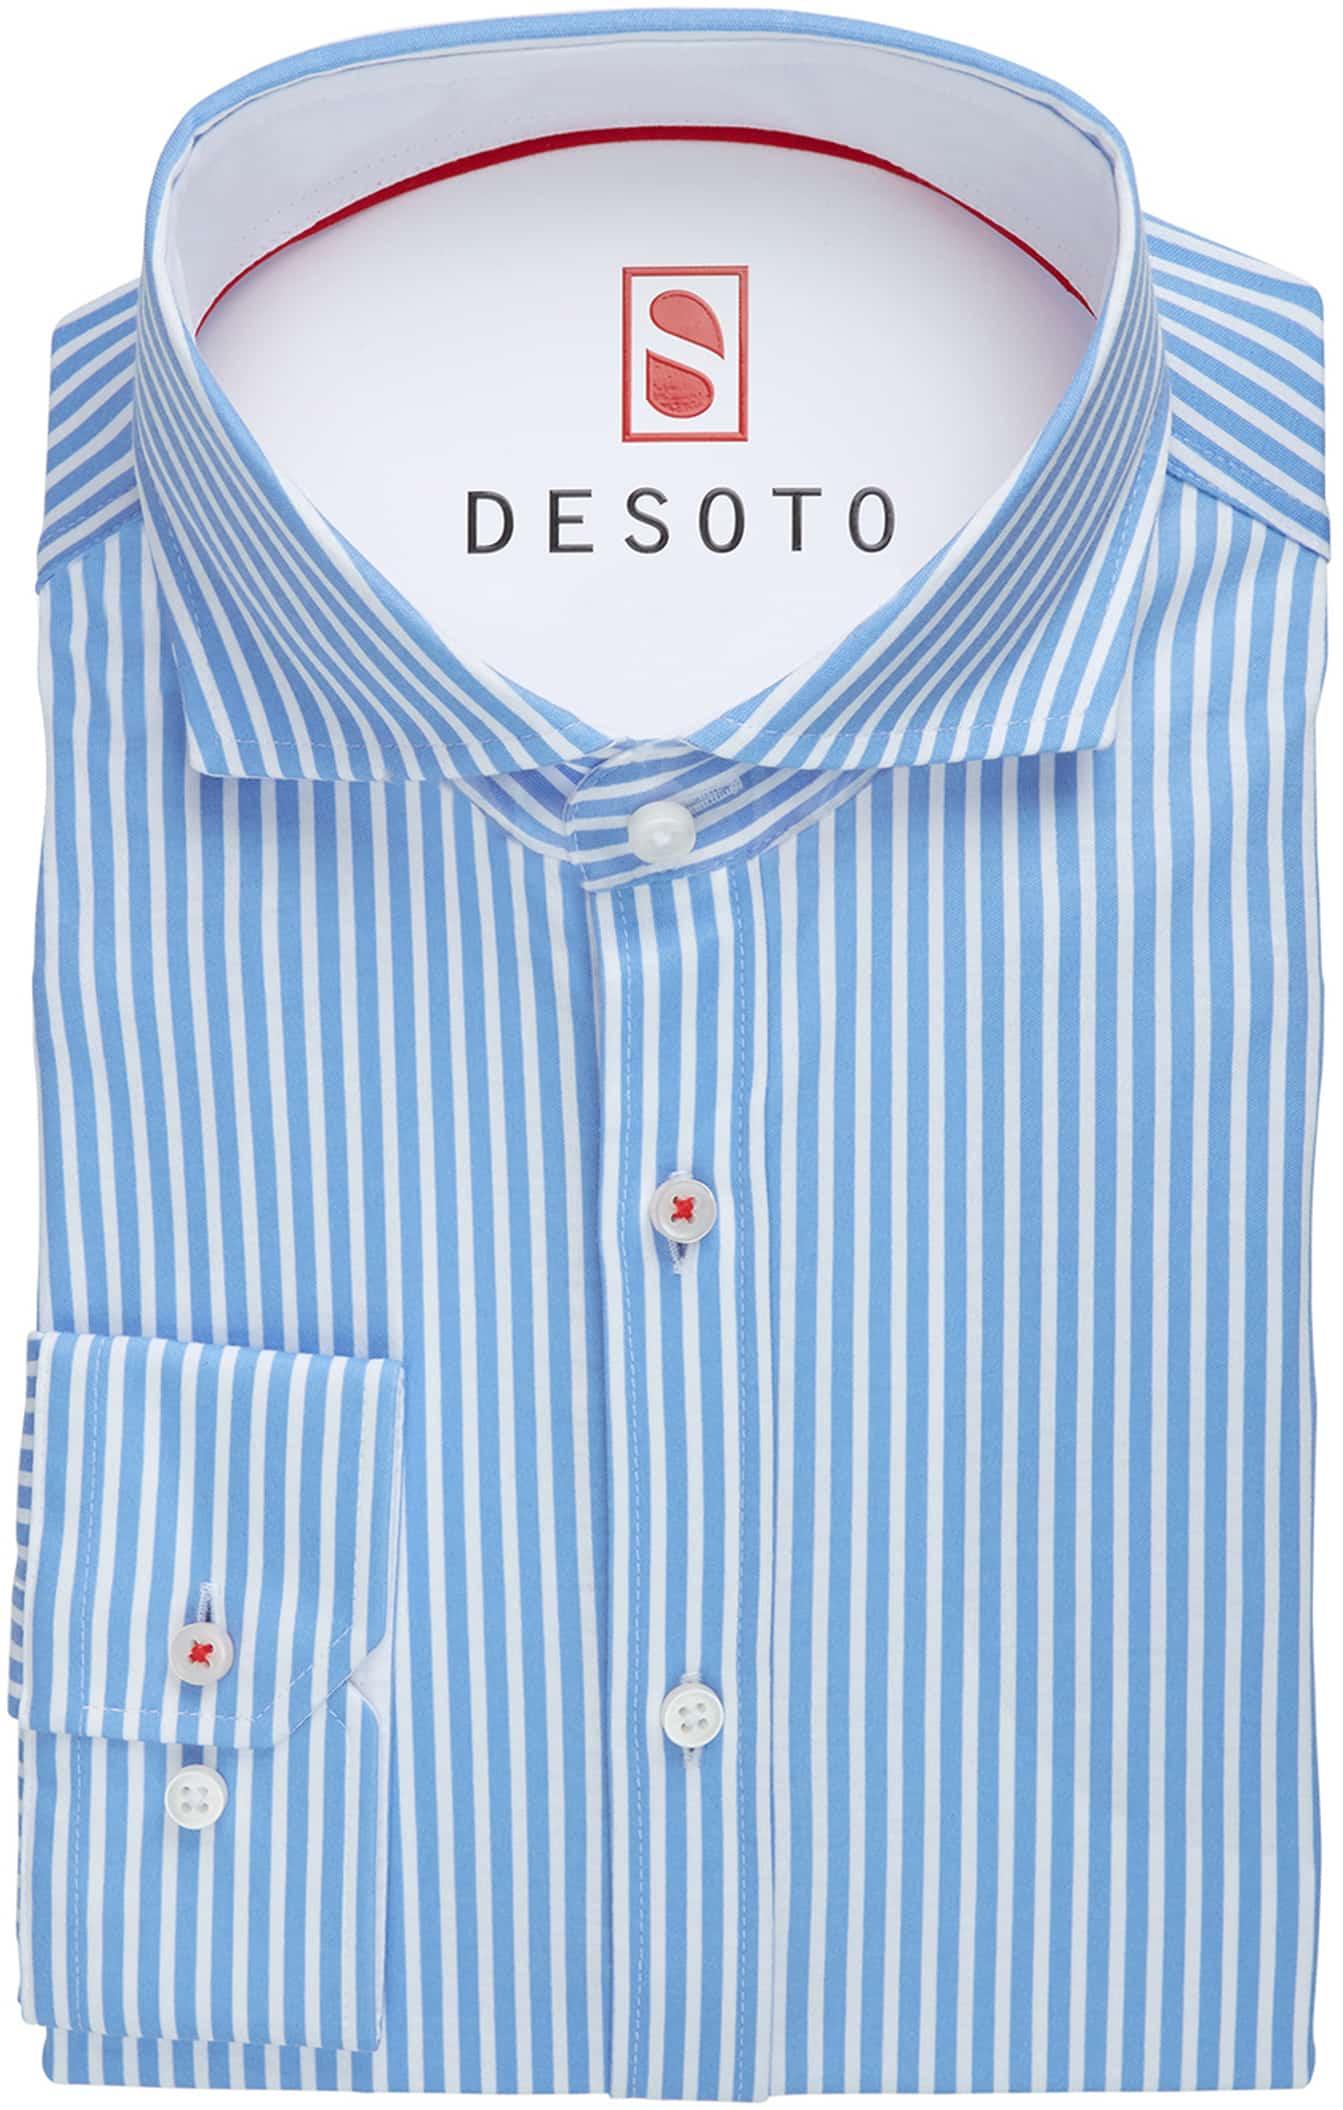 Desoto Overhemd Strijkvrij Blauw Streep foto 2